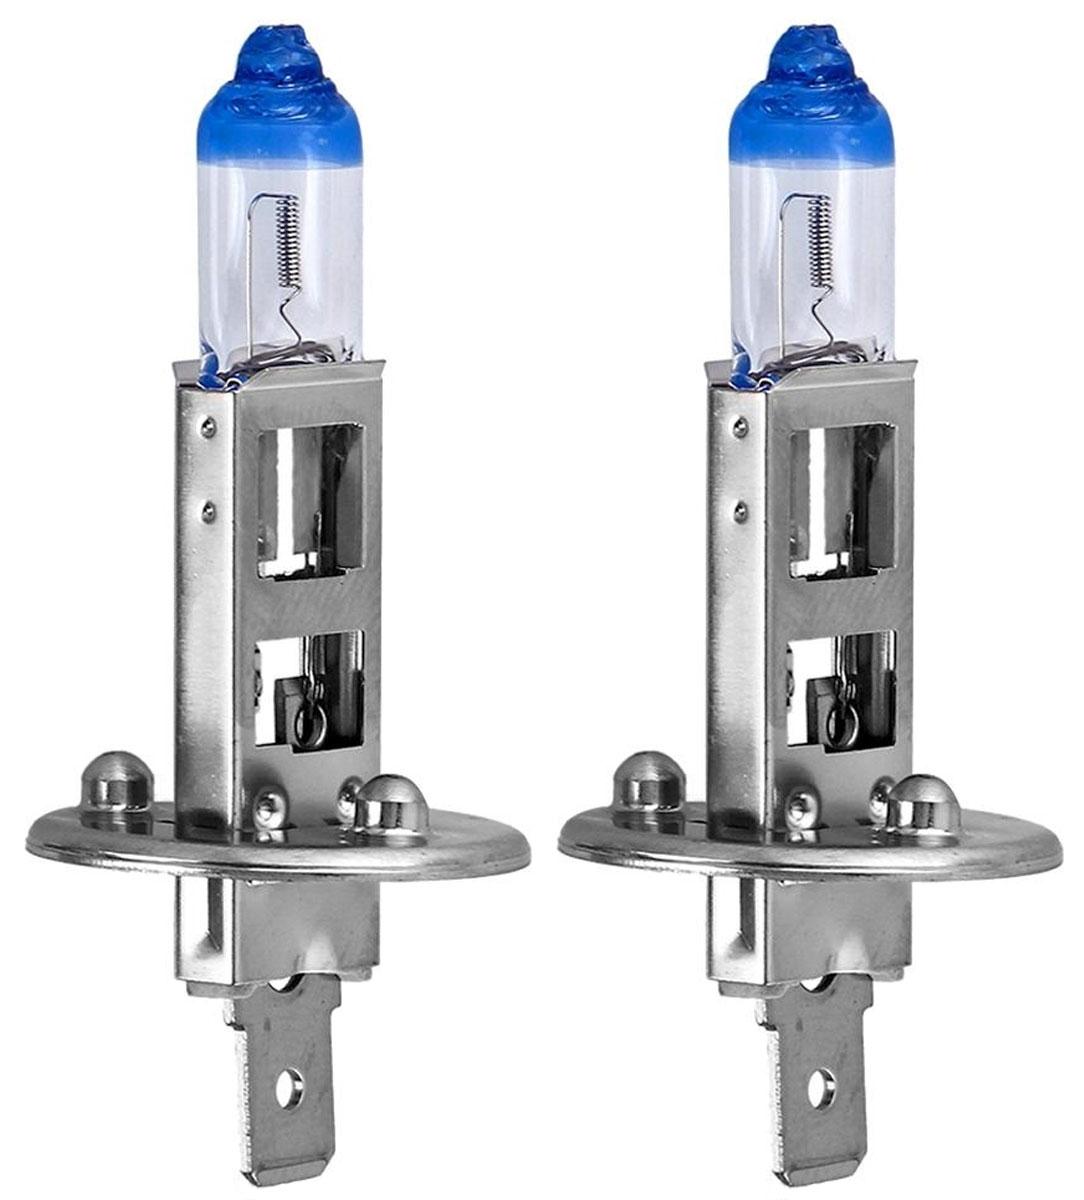 """Лампа автомобильная галогенная Philips """"X-tremeVision"""", для фар, цоколь H1 (P14.5s), 12V, 55W, 2 шт"""